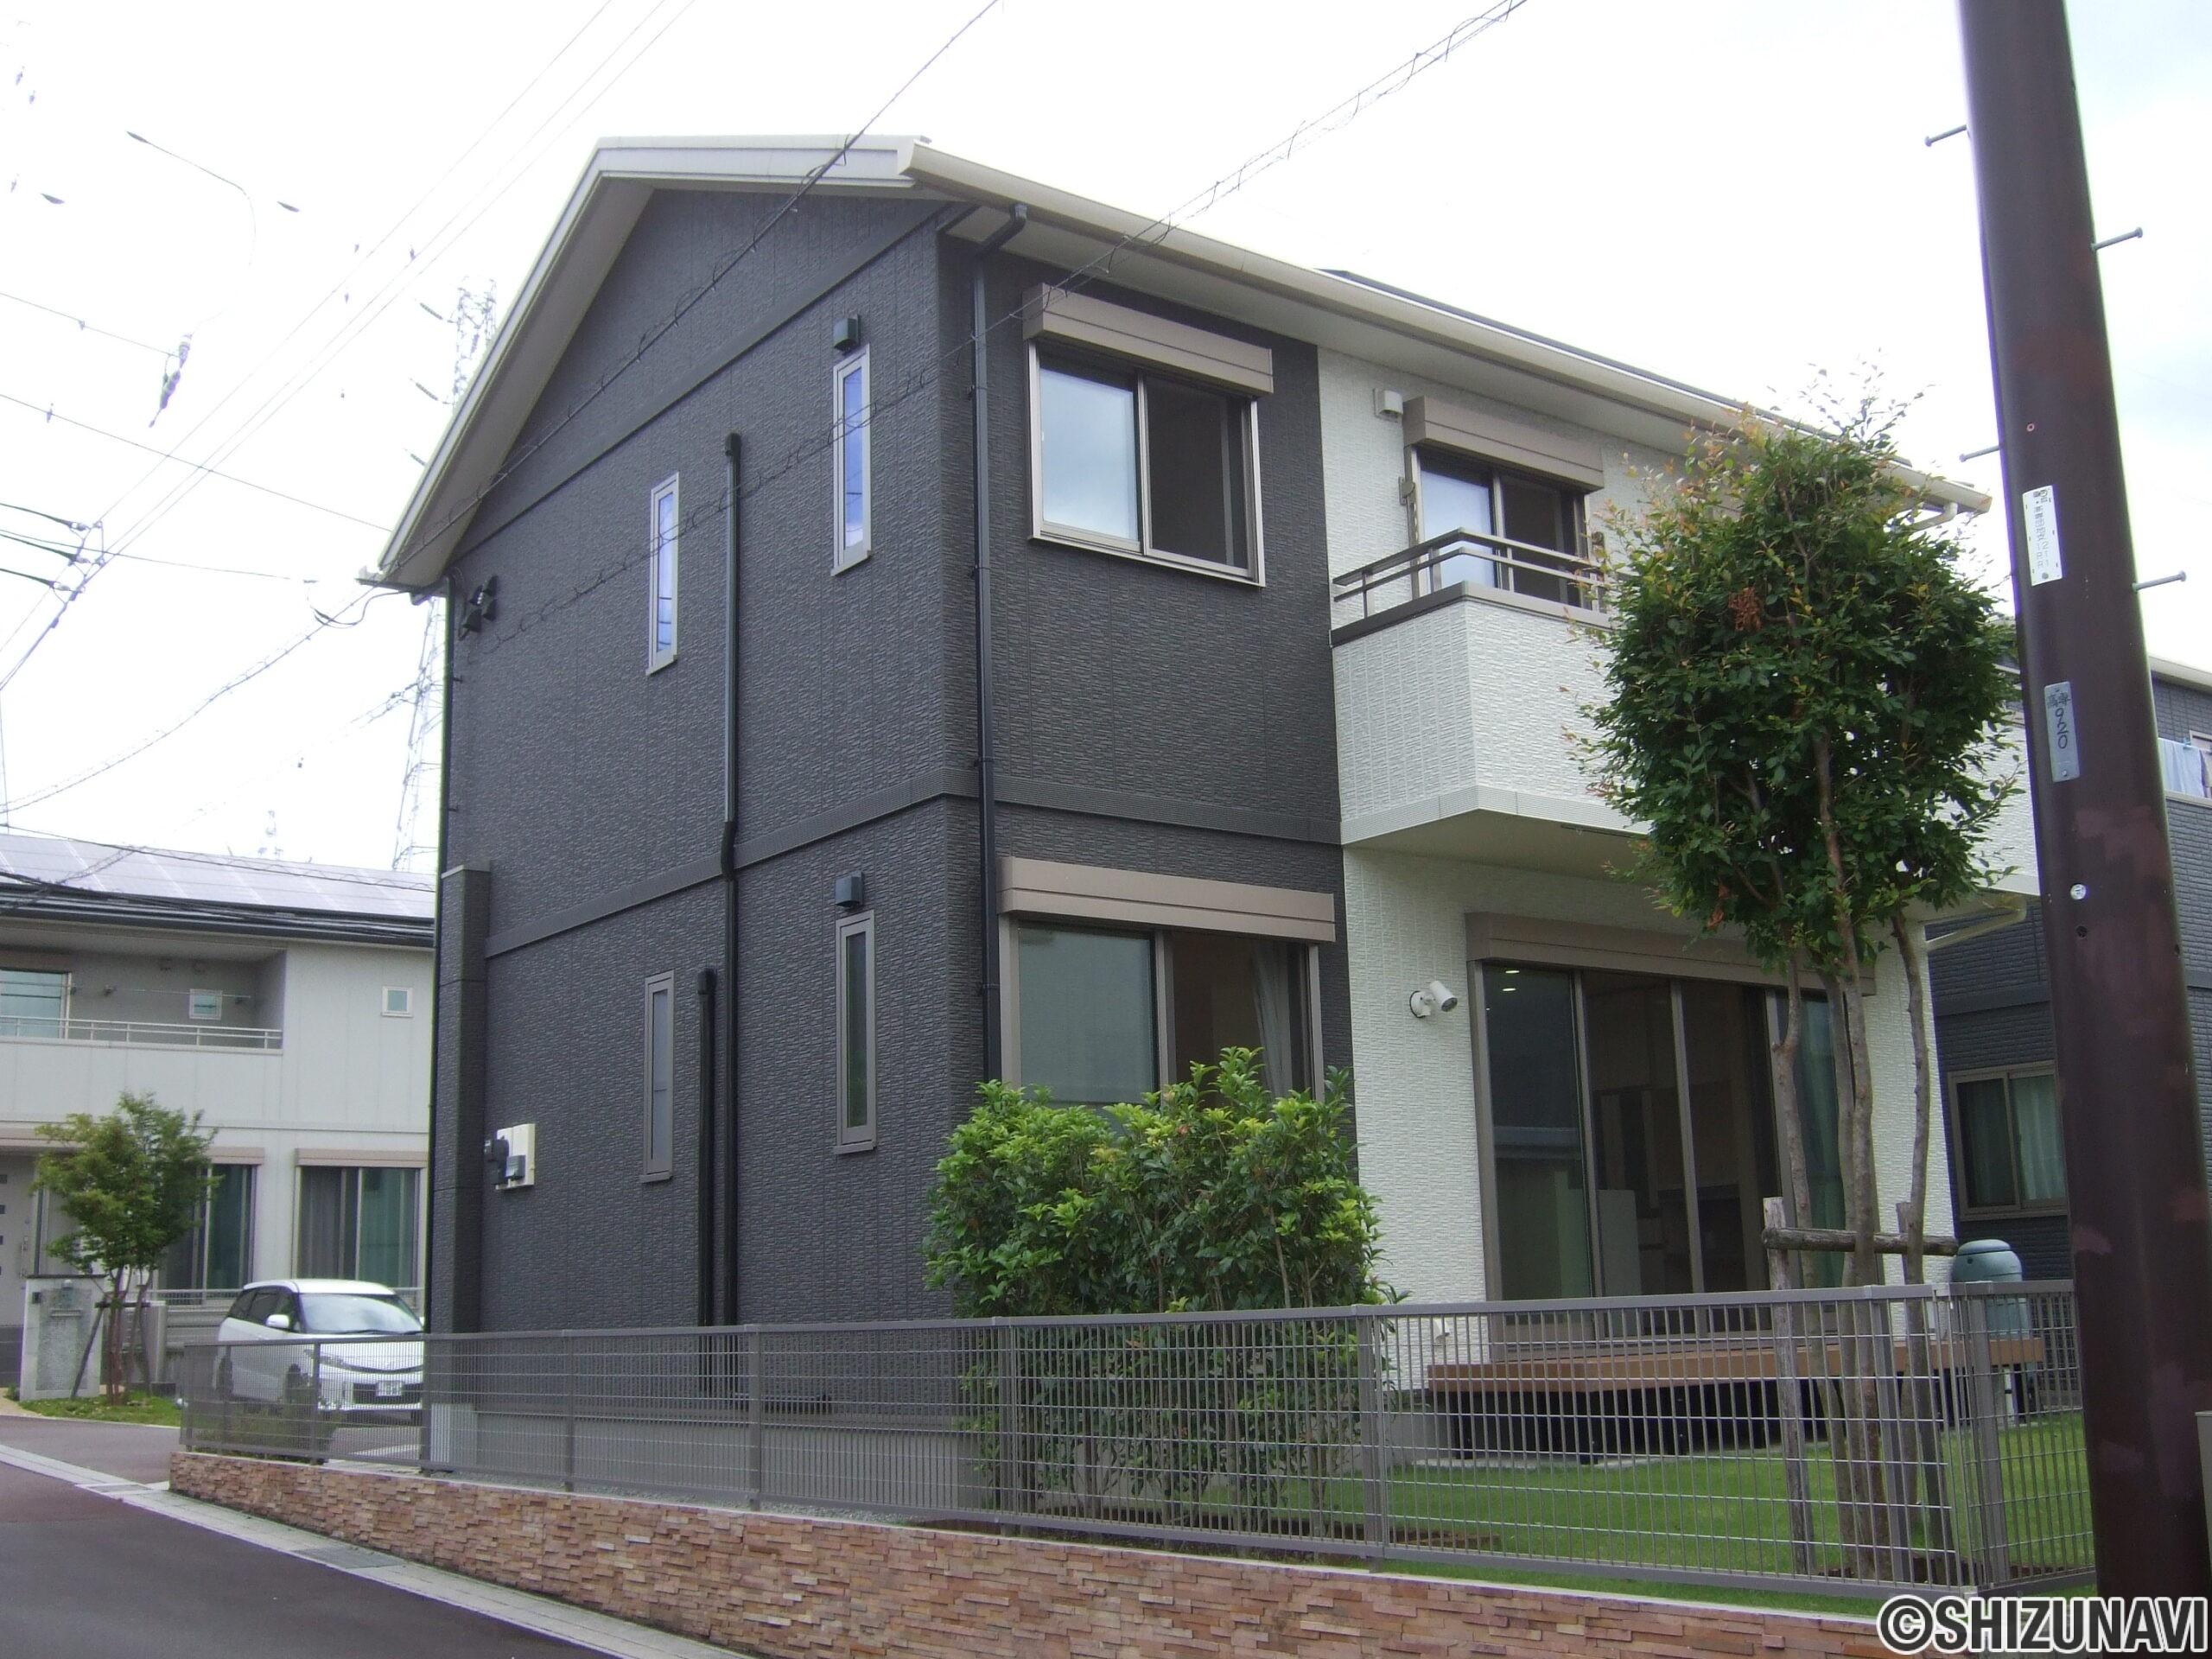 沼津市大岡にトヨタホームの中古住宅が出ました!